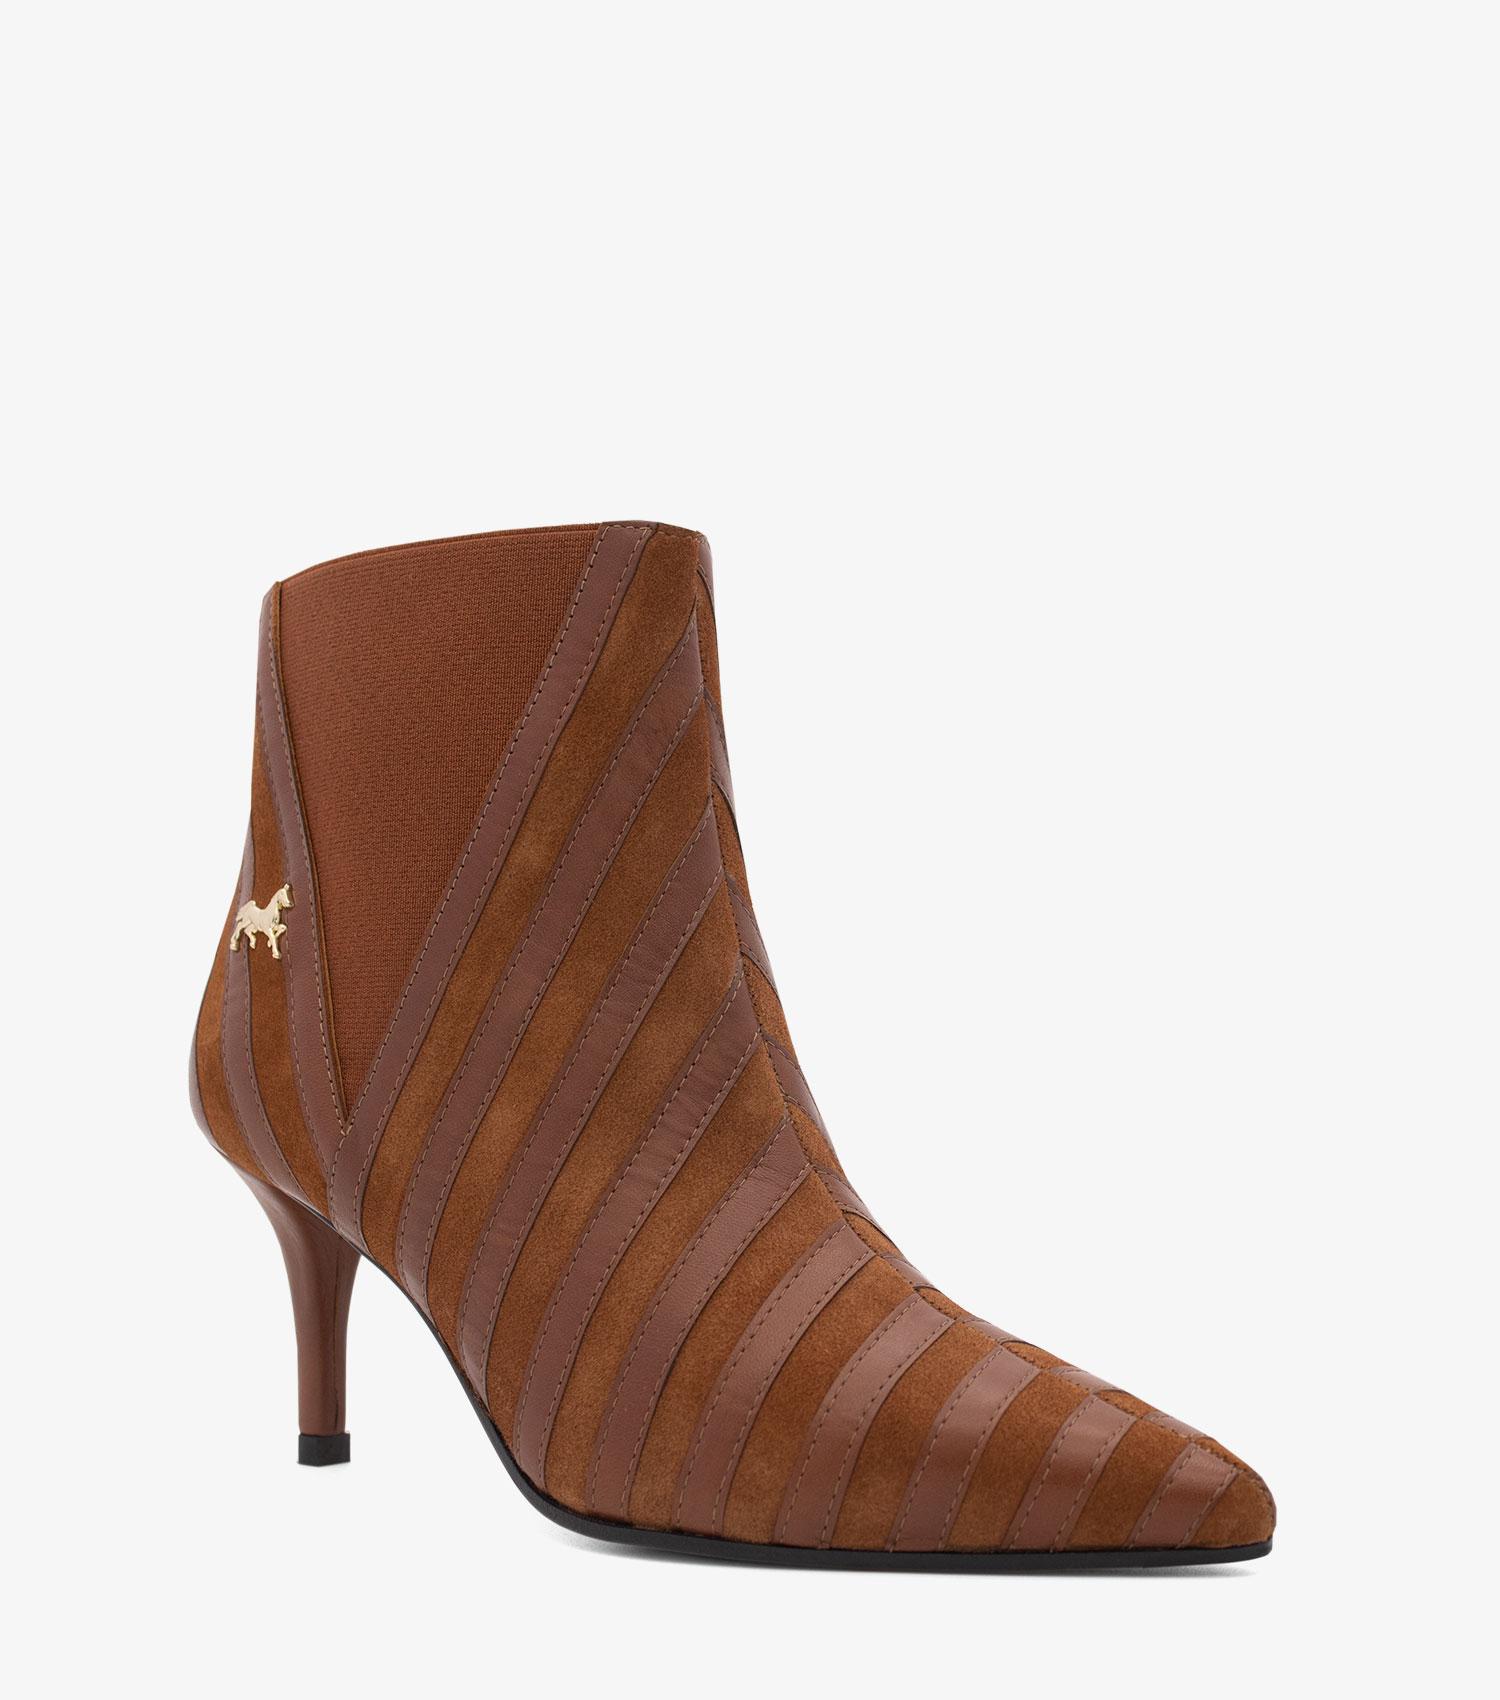 TouchDown Boots